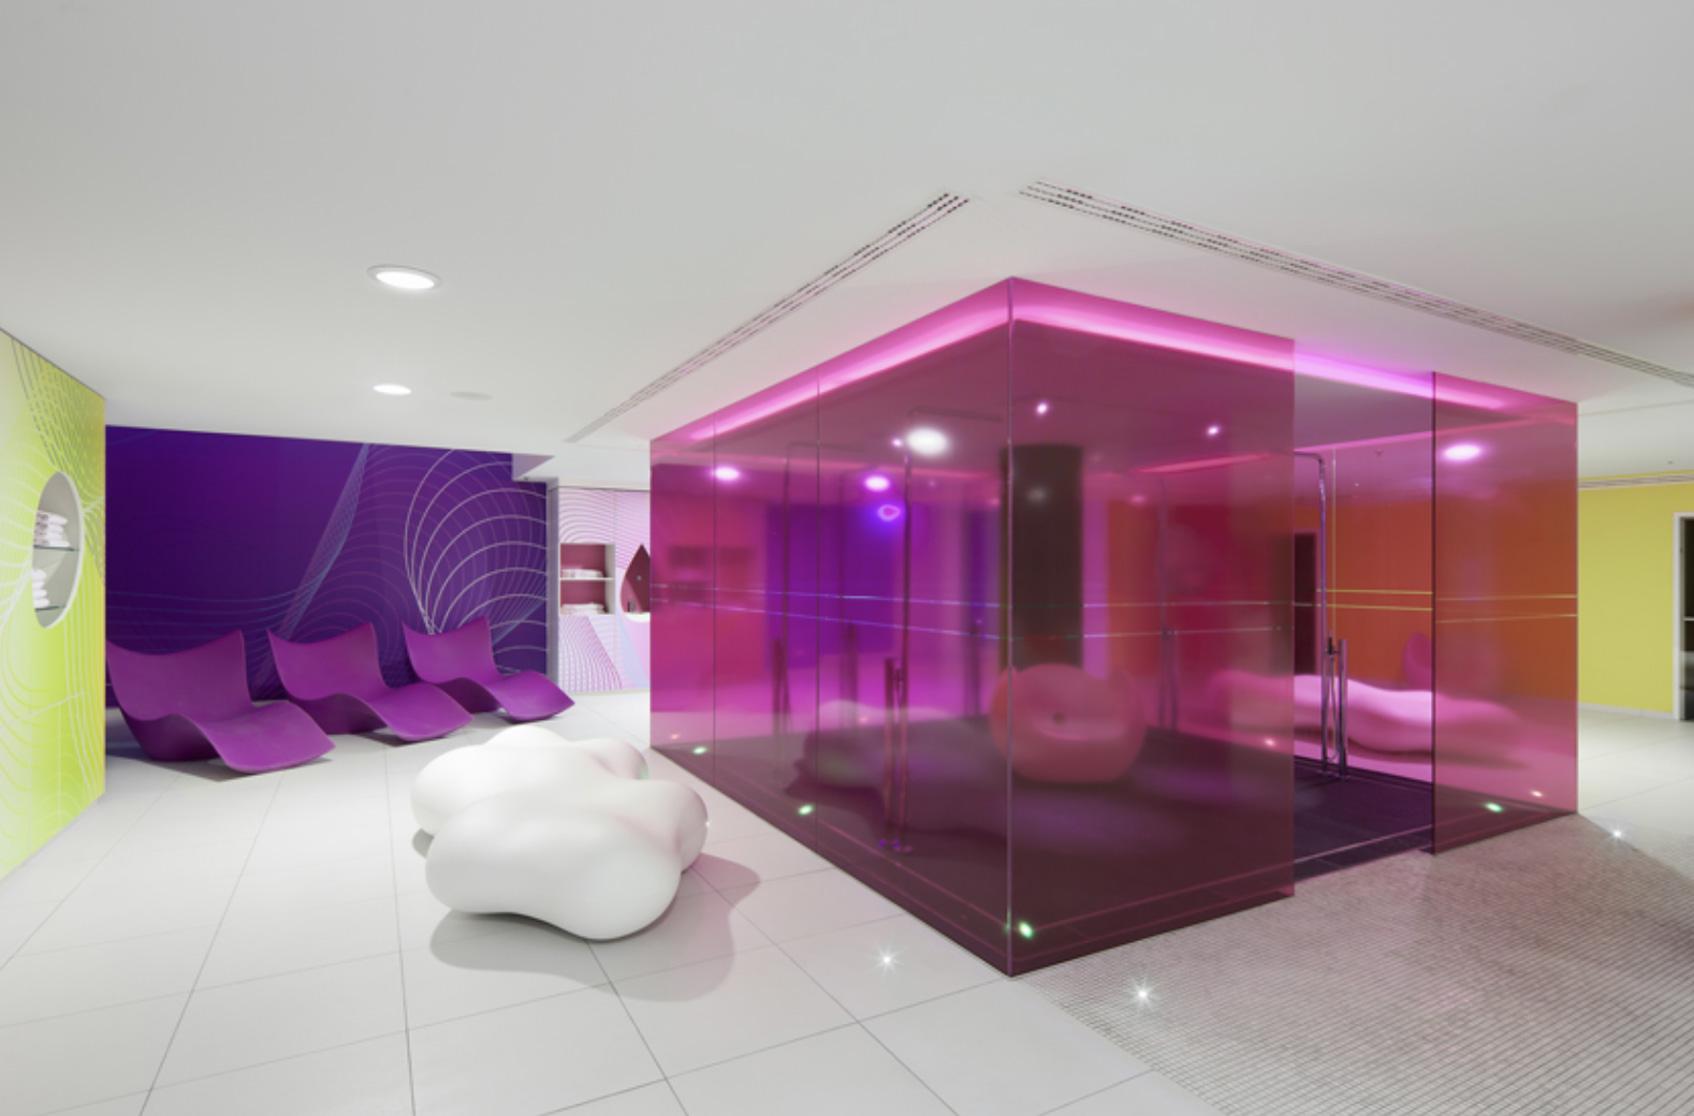 молодежные дизайн отели Берлин